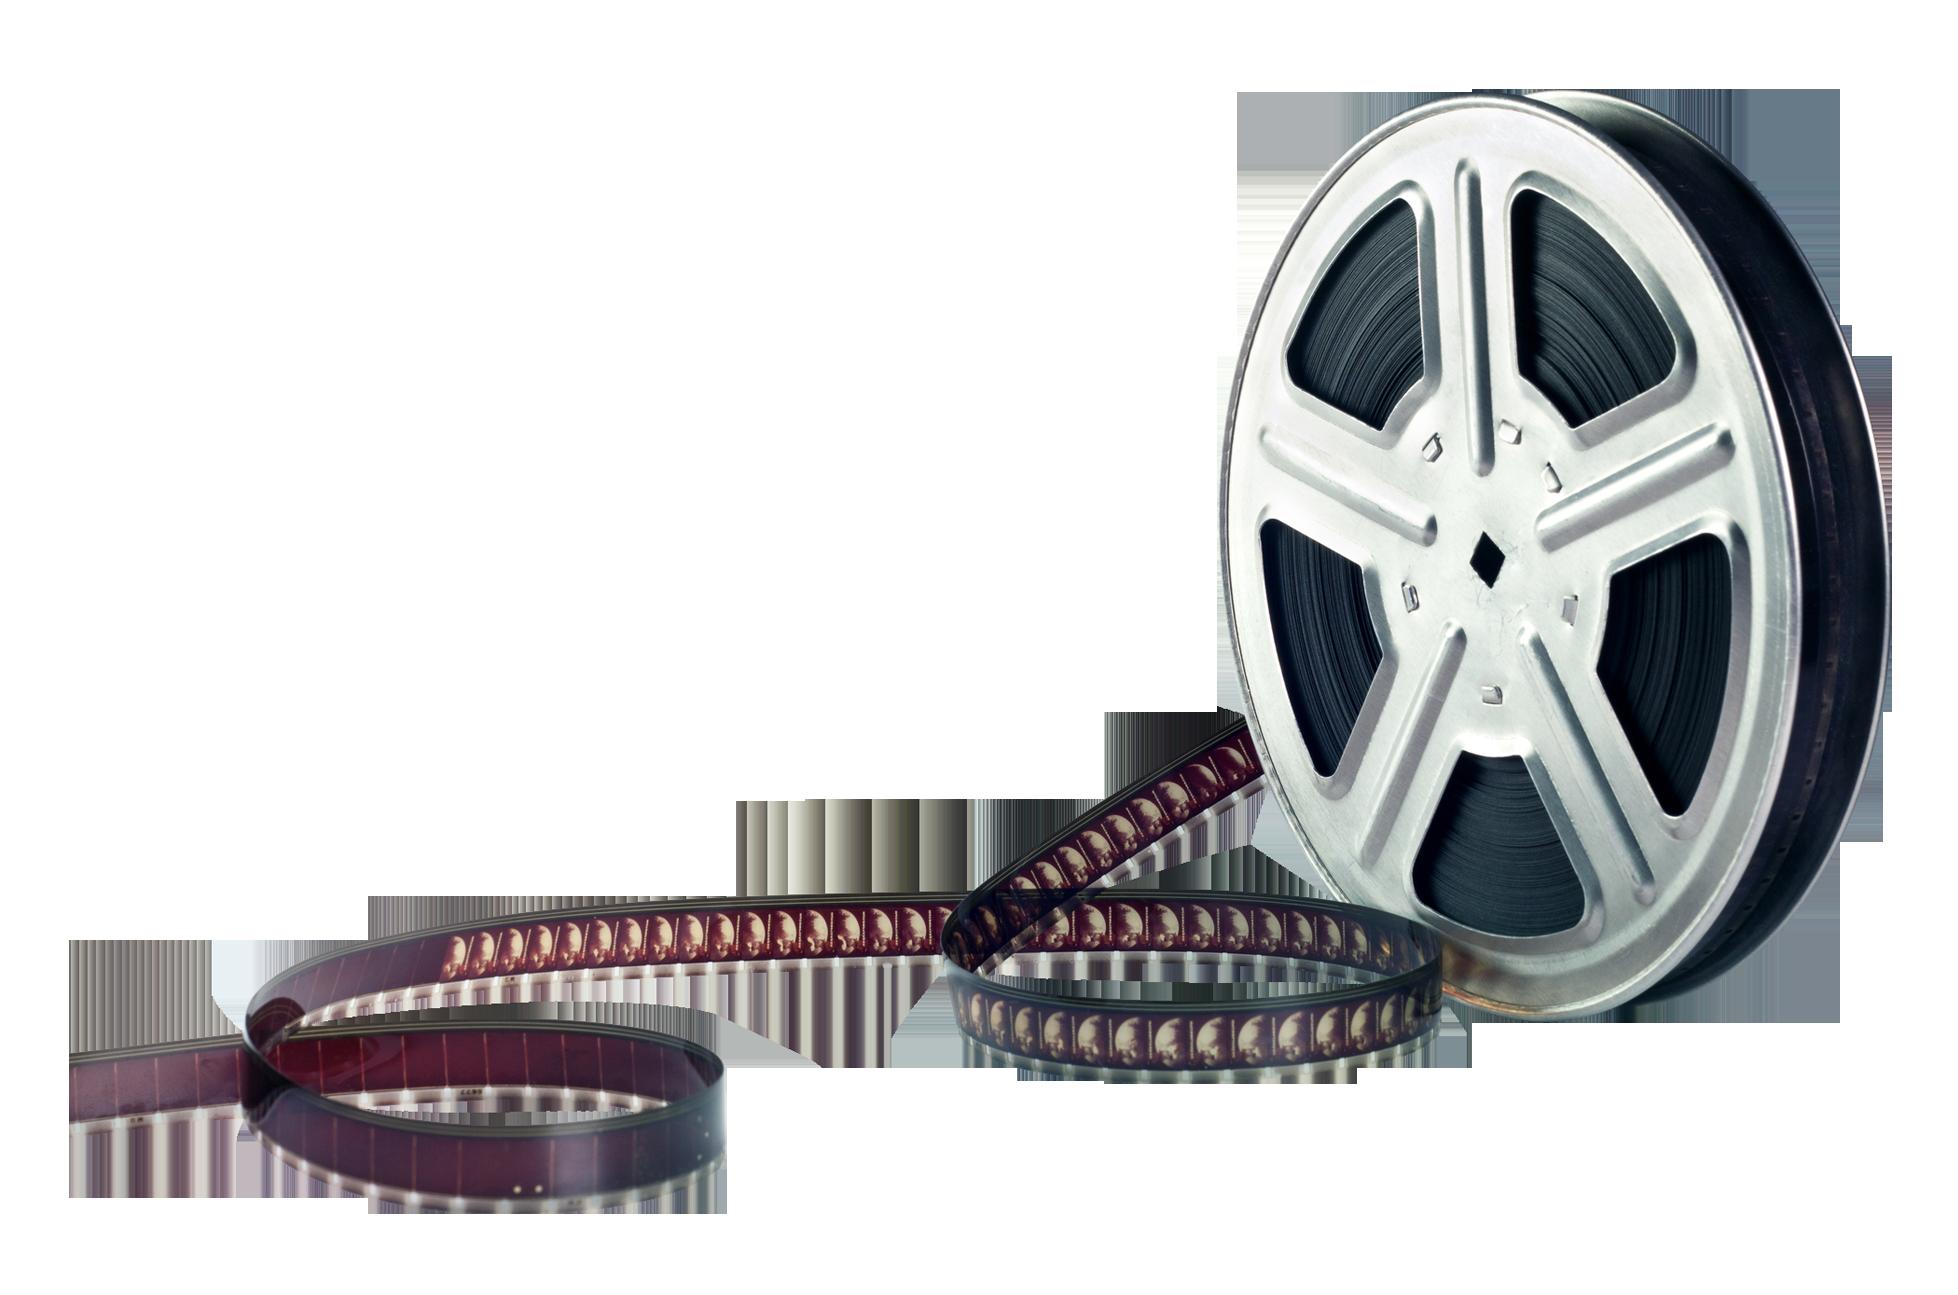 Clip art transprent png. Film clipart film reel